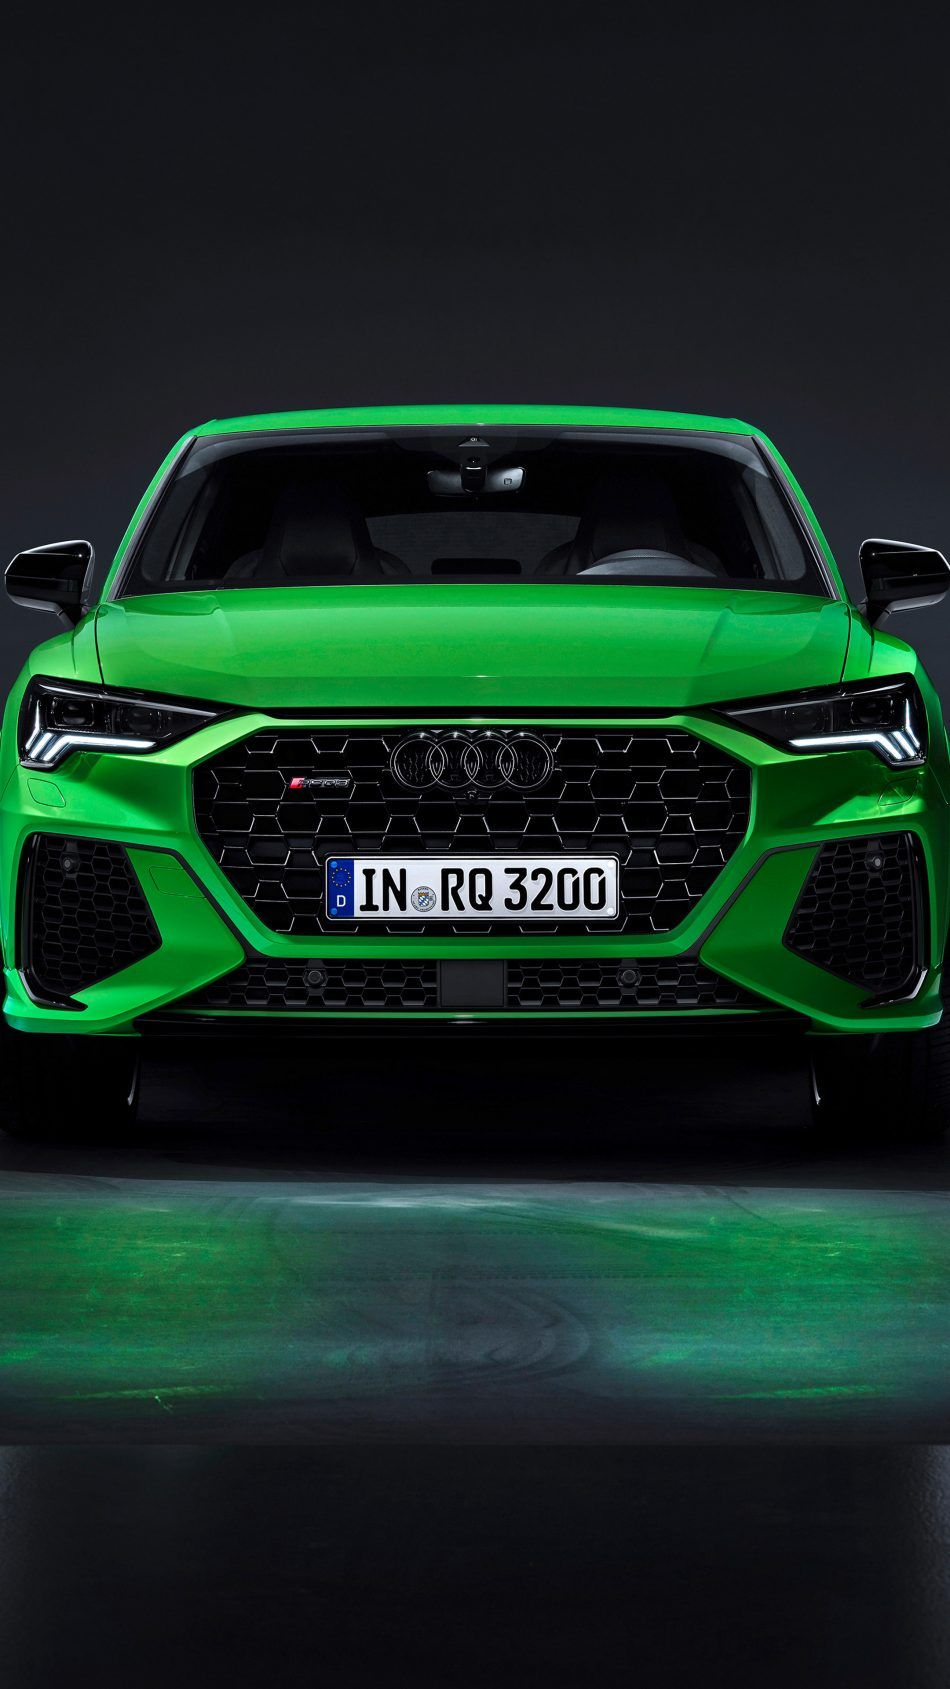 Audi Rs Q3 Sportback 2019 Audi Rs Audi Audi Cars